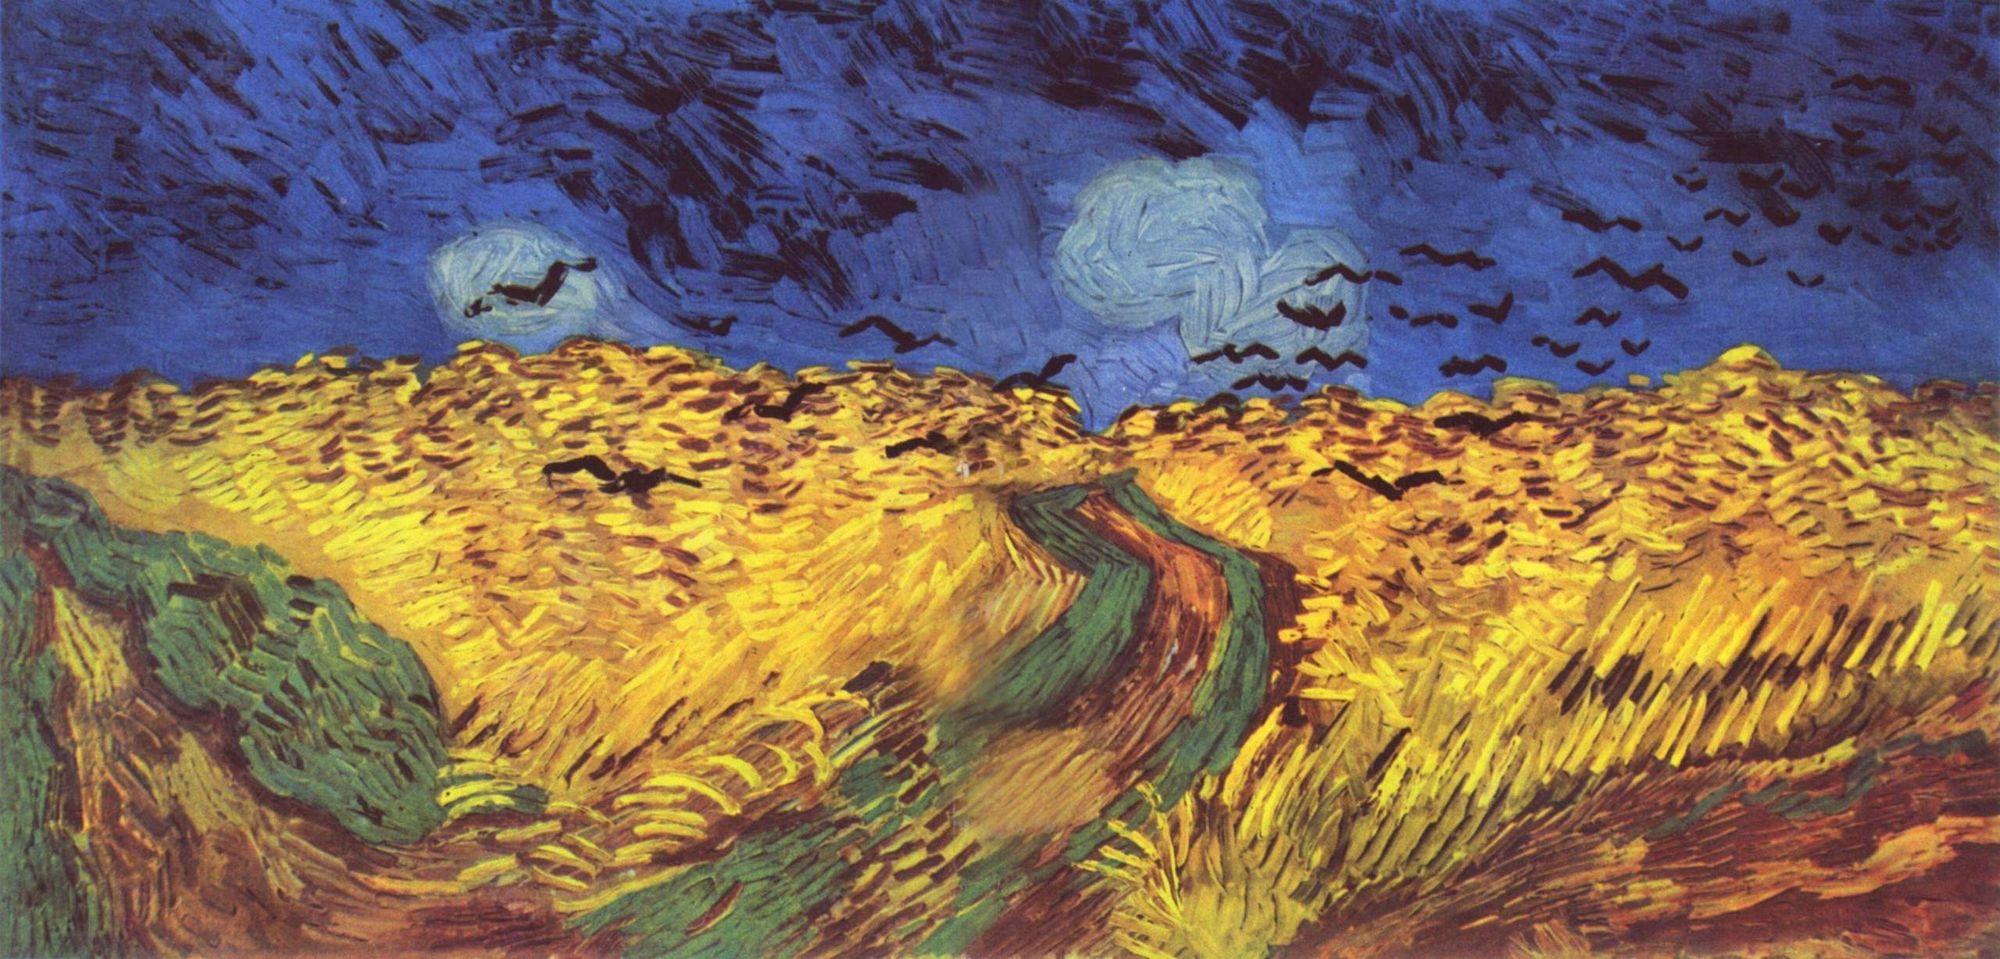 Vincent van Gogh: Weizenfeld mit Krähen (1890), Öl auf Leinwand